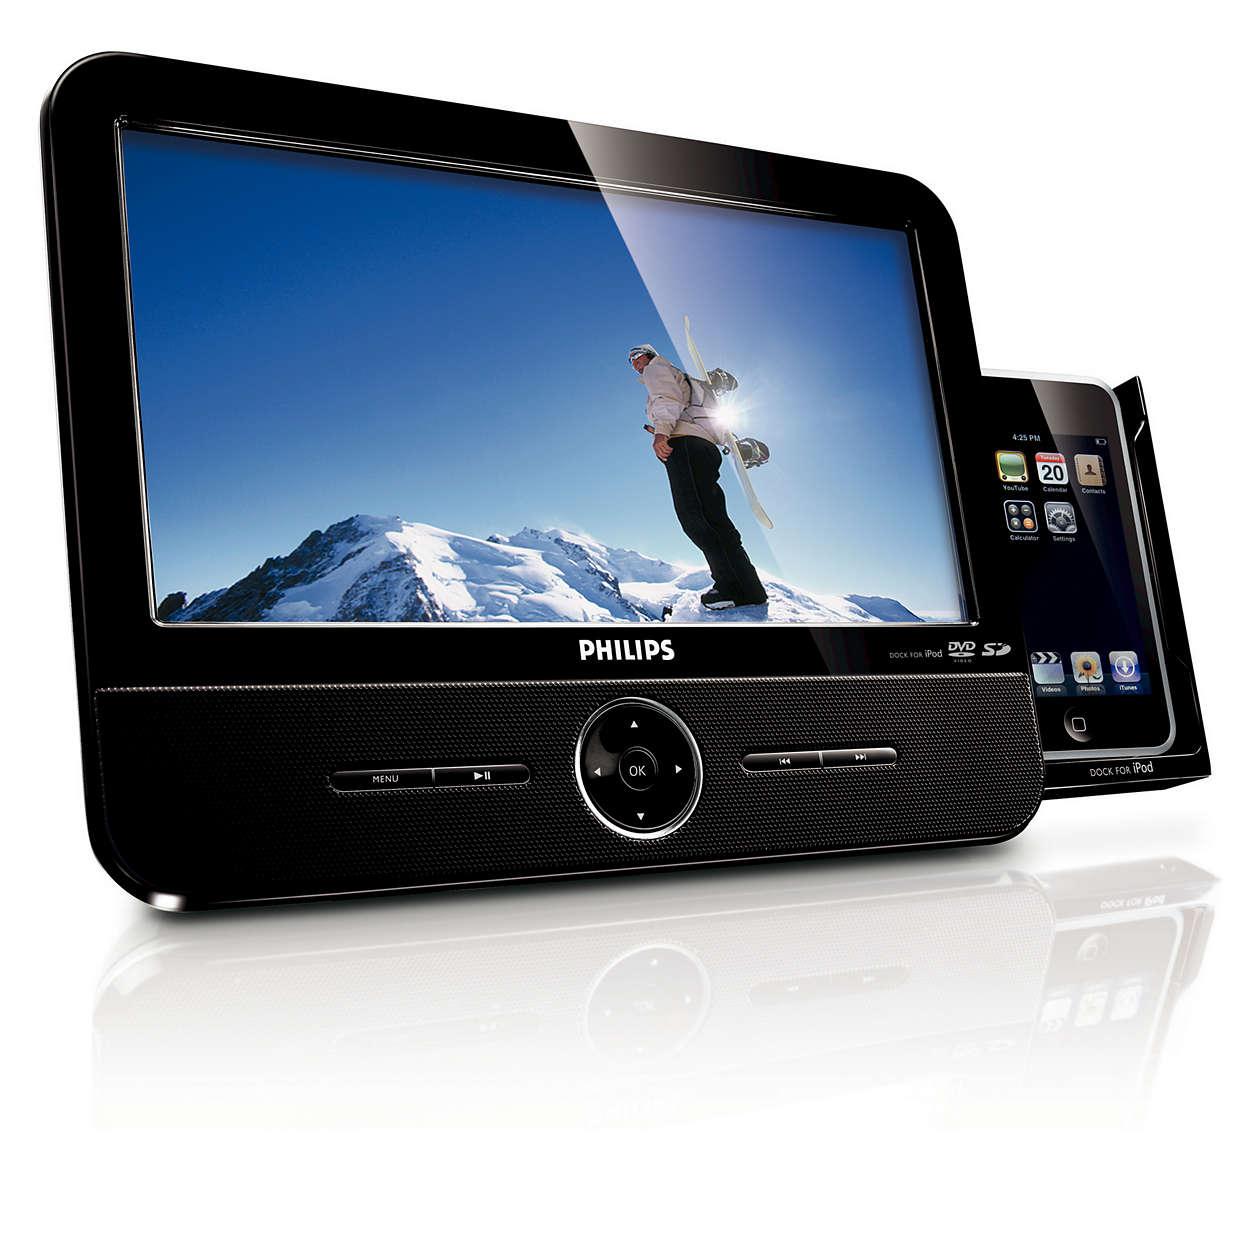 欣賞 iPod、DVD 和 SD 記憶卡中的影片